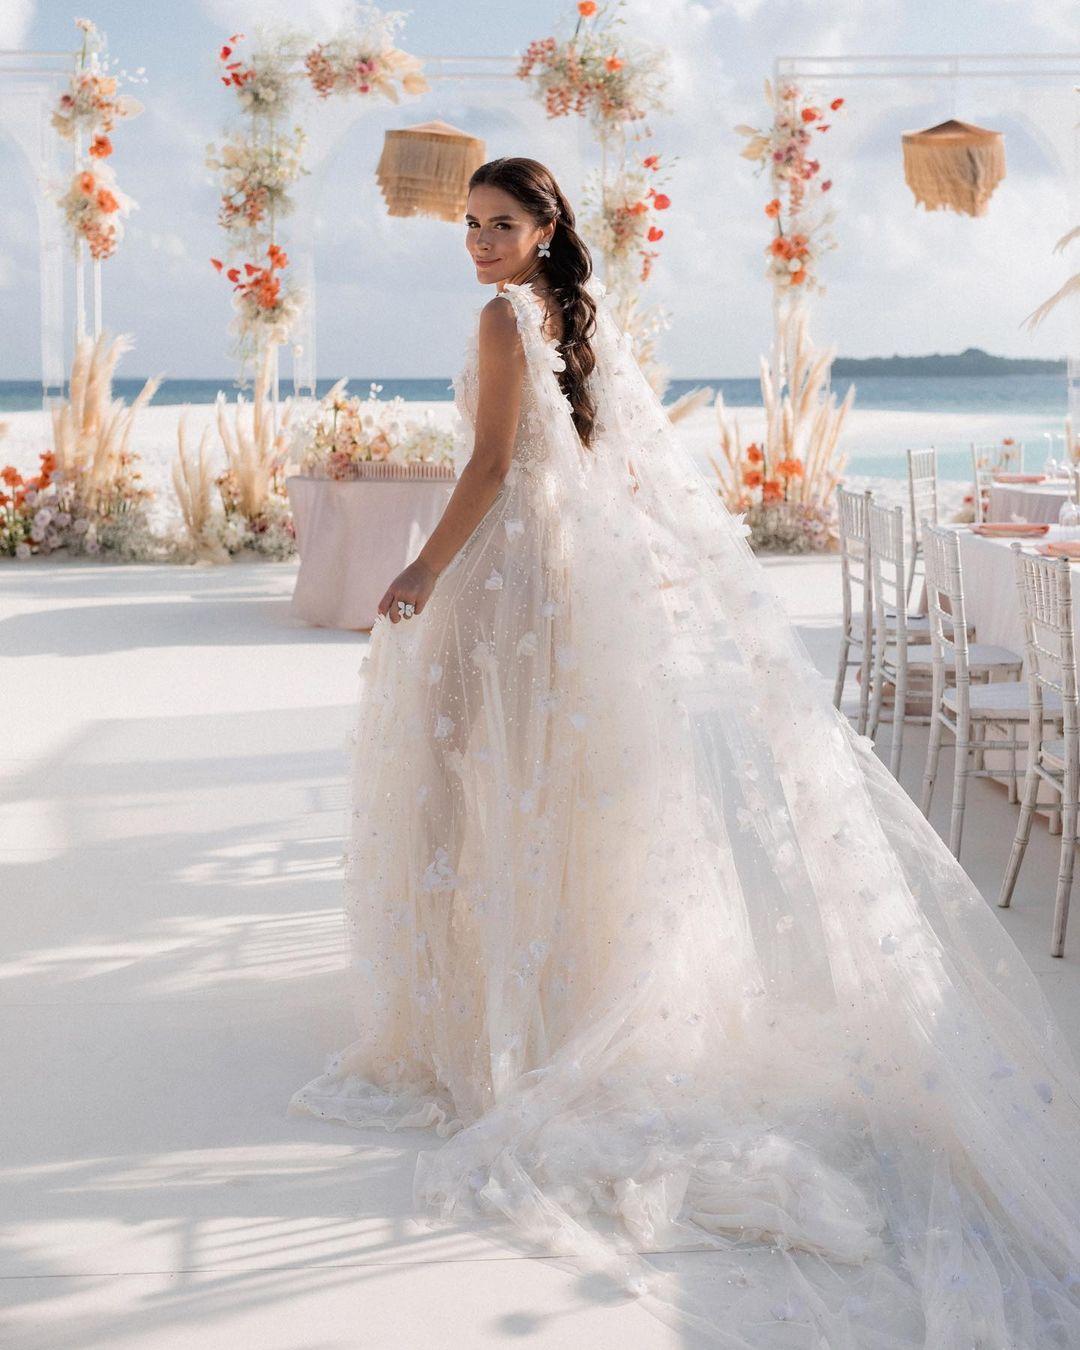 «Мы так долго этого ждали»: Иванна Онуфрийчук вышла замуж на Мальдивах